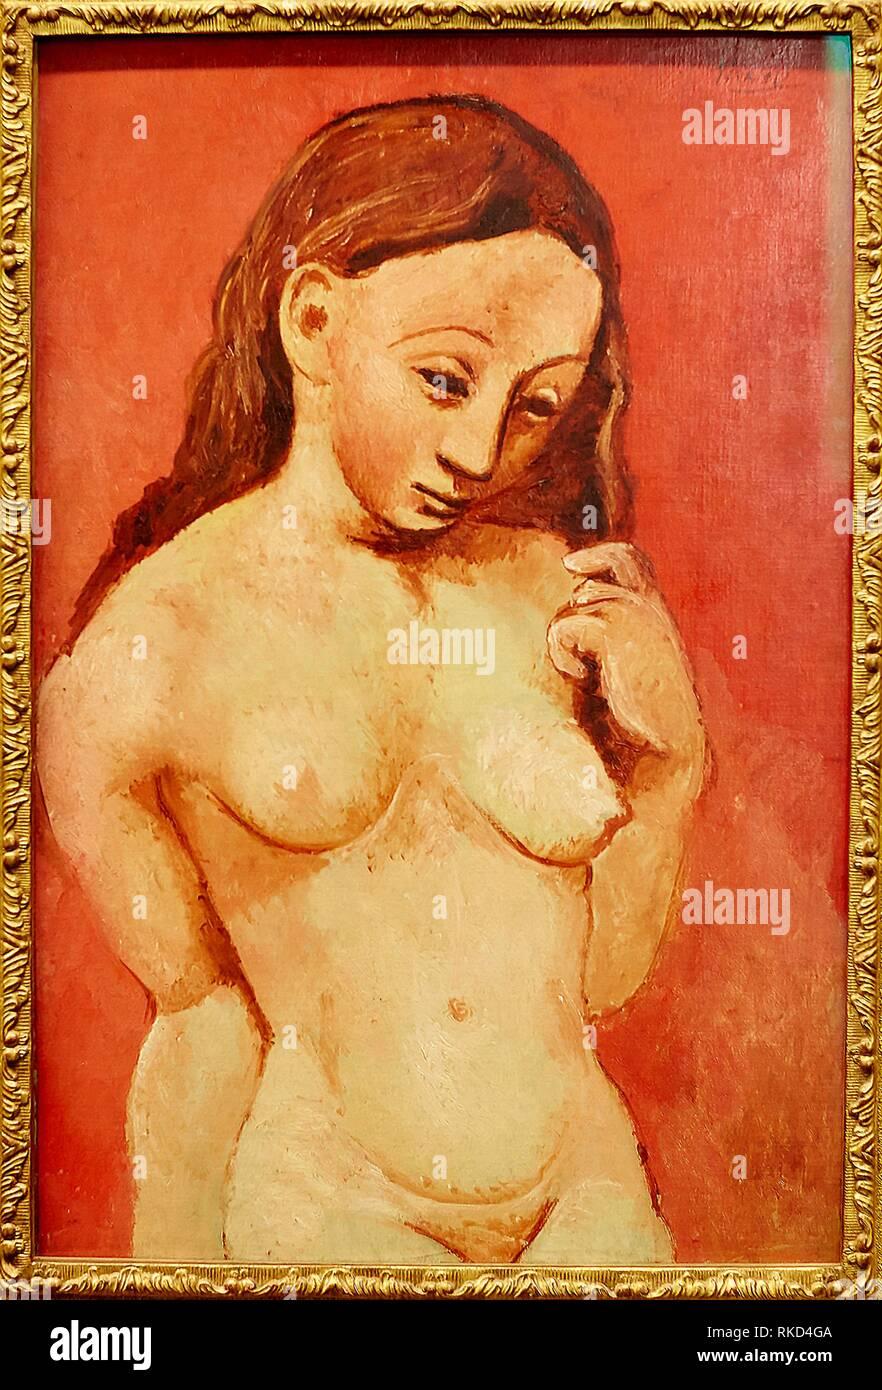 '''Nu sur fond rouge'', Pablo Picasso, Musee de L'Orangerie, Tuileries, Paris, France - Stock Image